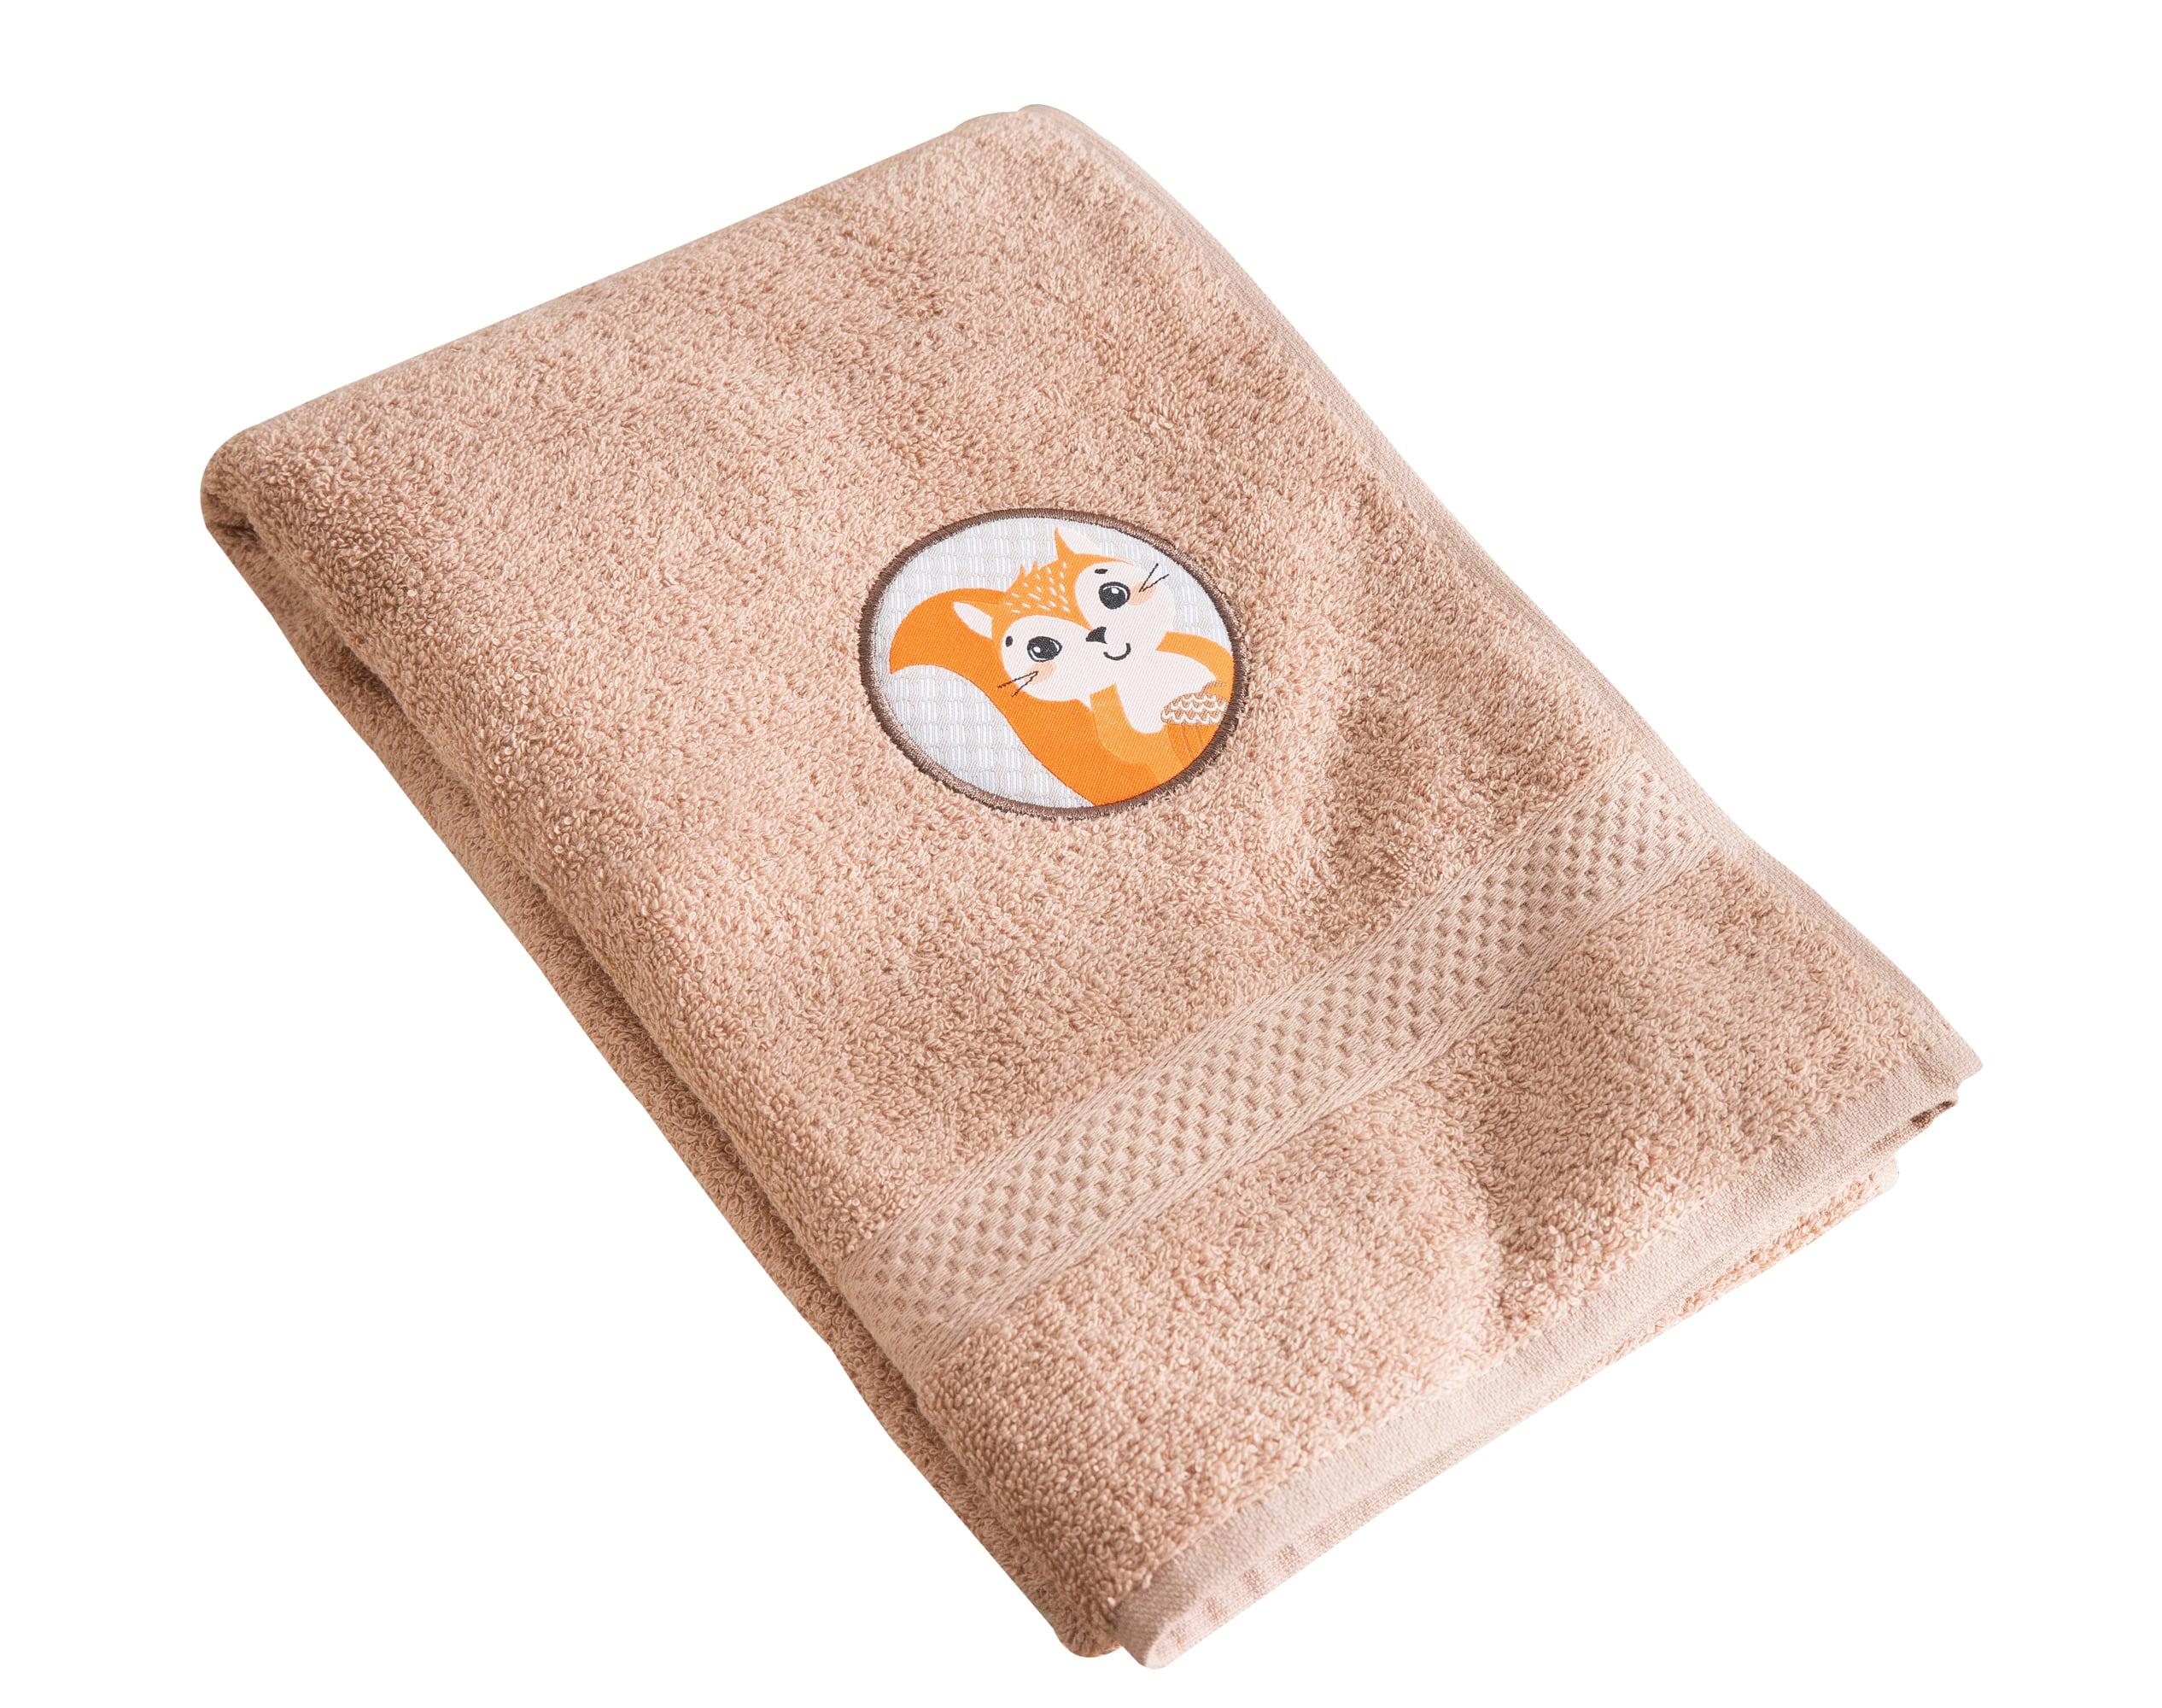 Serviette de bain enfant beige 70x130 en coton